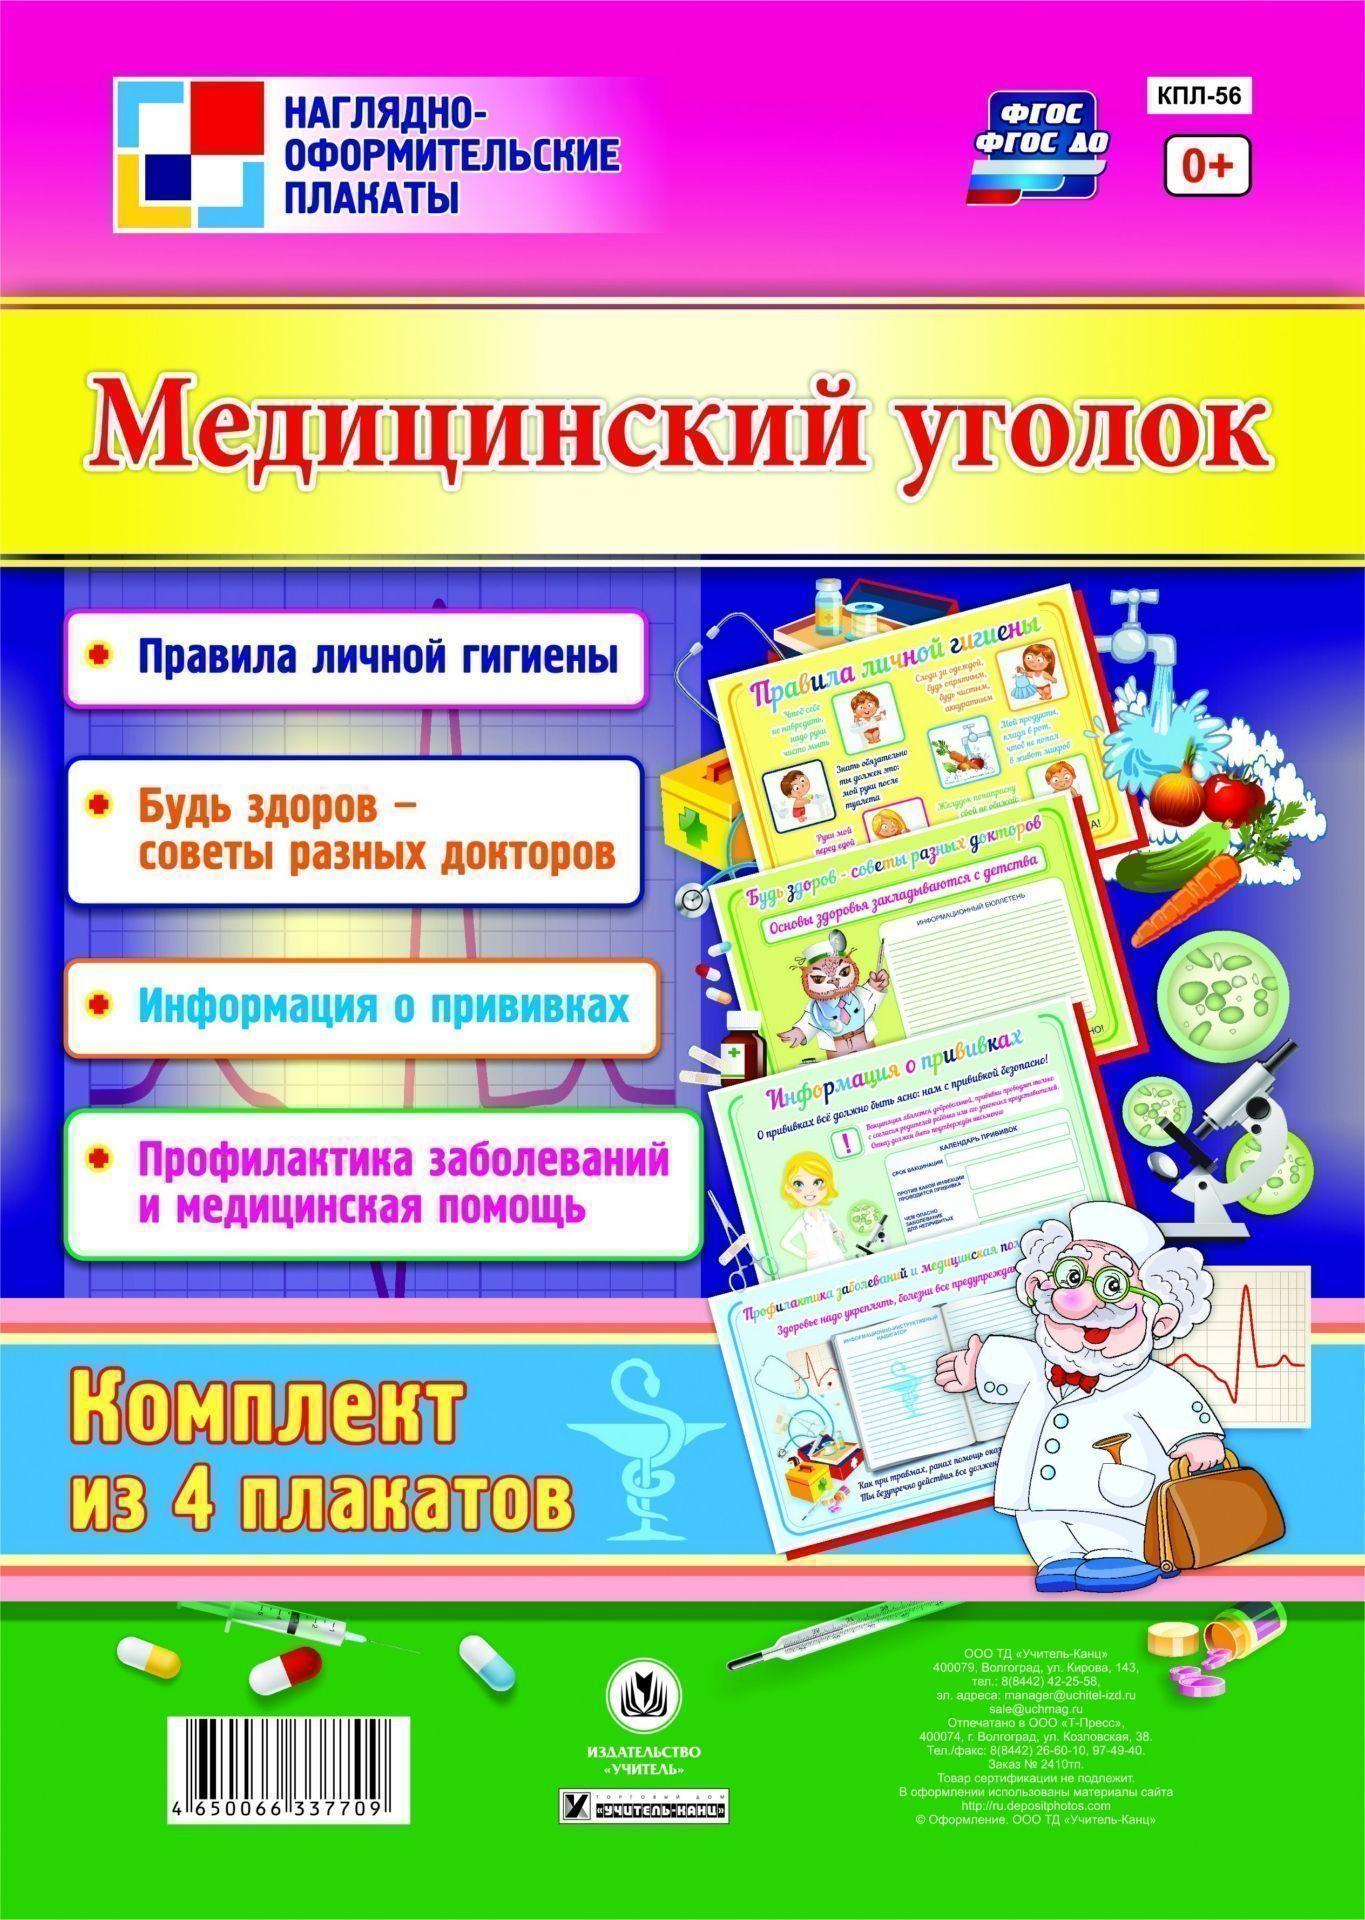 Комплект плакатов Медицинский уголок: 4 плакатаПлакаты, постеры, карты<br>.<br><br>Год: 2017<br>Серия: Наглядно-оформительские плакаты<br>Высота: 594<br>Ширина: 420<br>Переплёт: набор